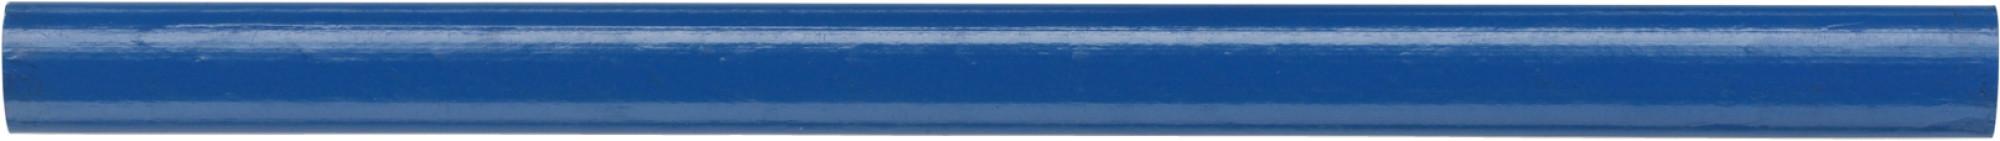 Sininen timpurin kynä